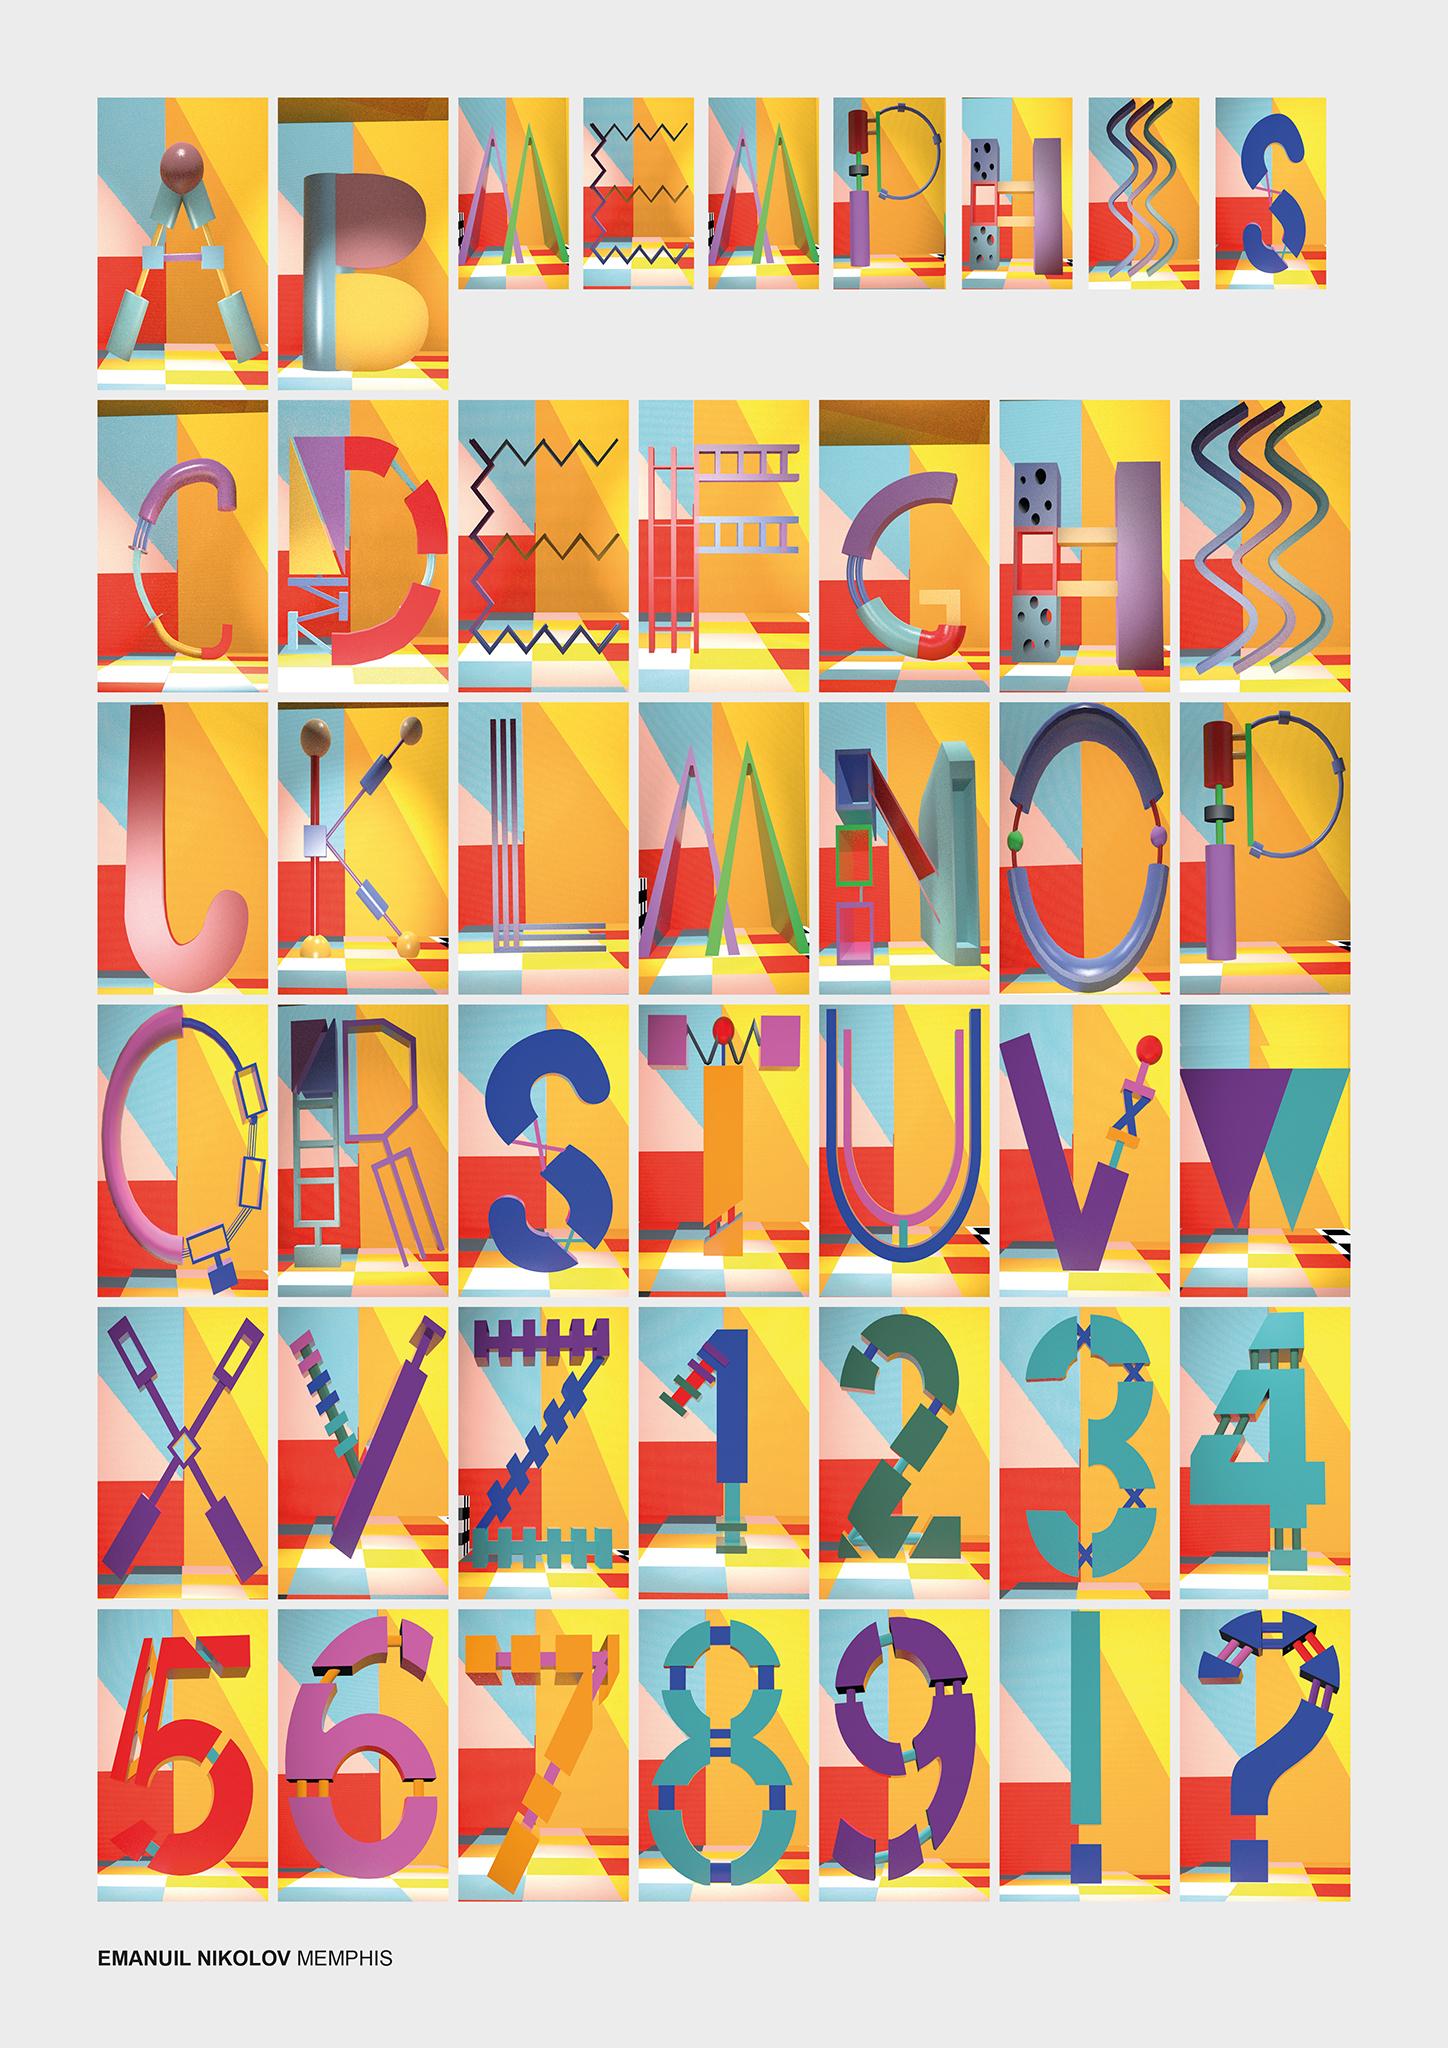 Emanuil Dianov Nikolov Graphics and Design